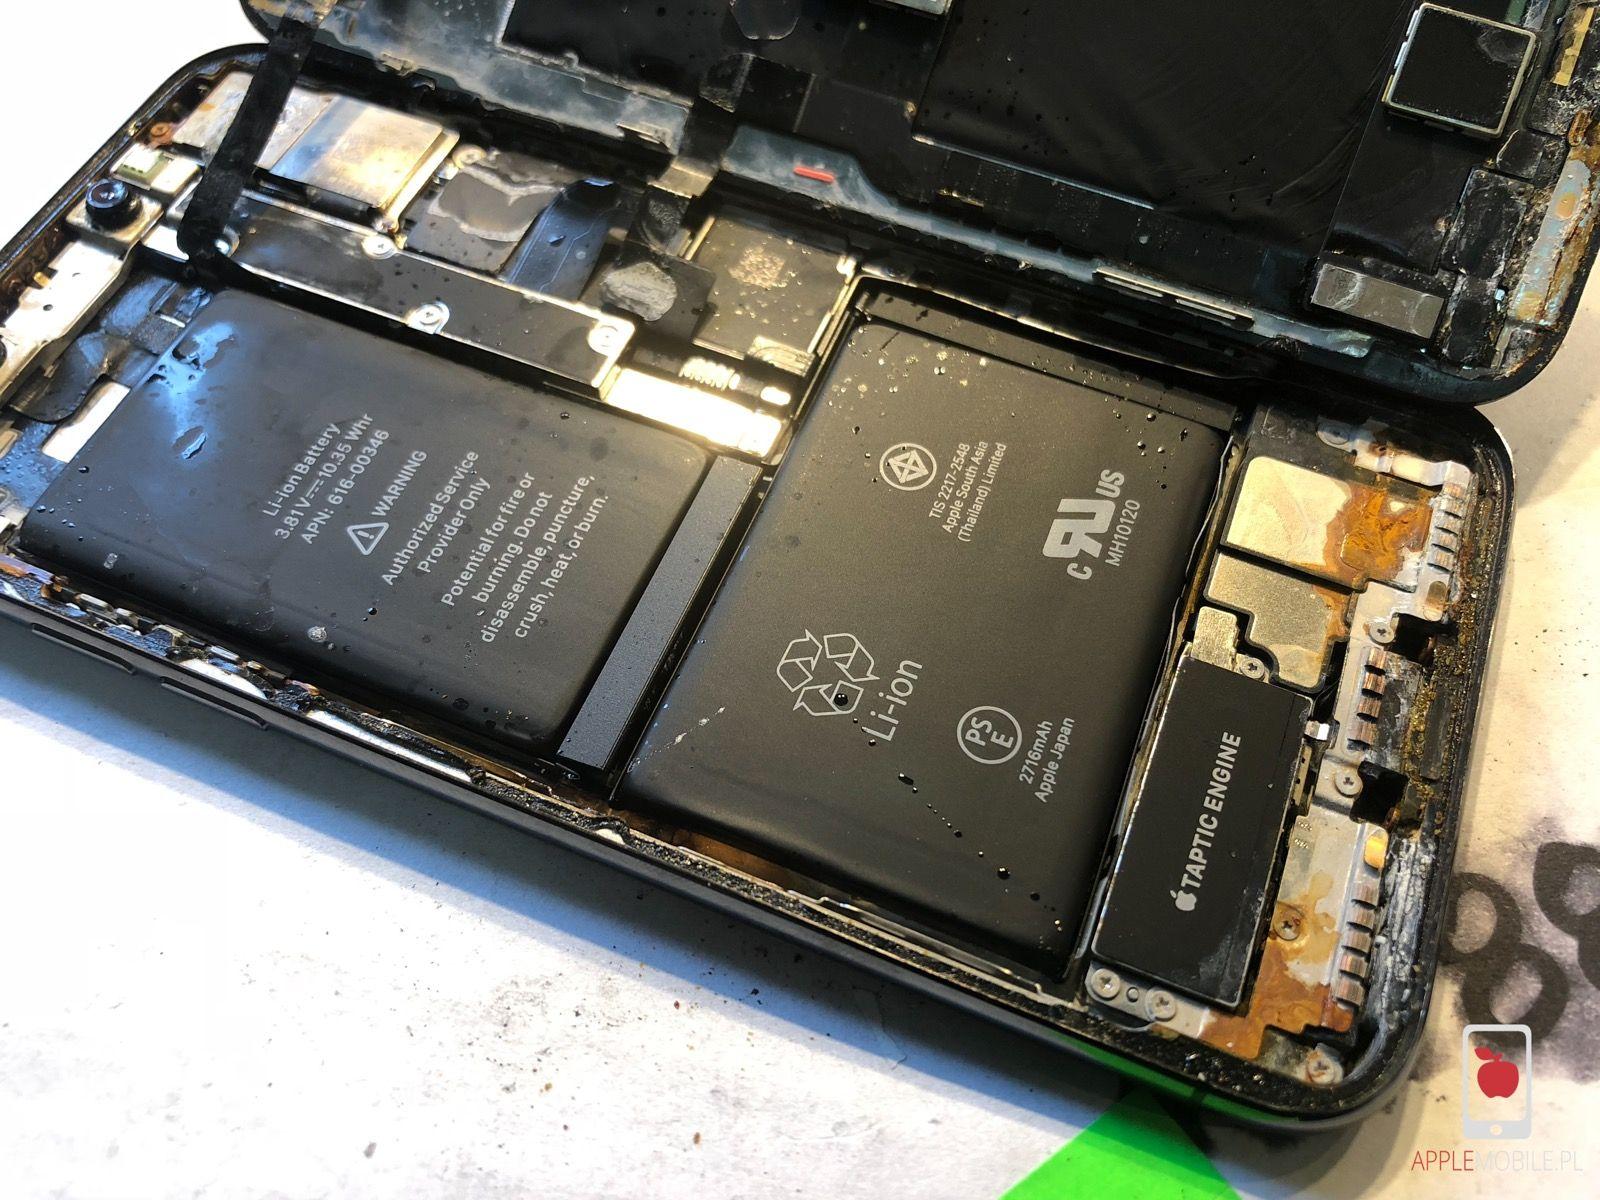 Zalany iPhone X. Naprawa zalanego iPhone X po ingerencji cieczy. iPhone X po moczeniu w wodzie nie działa.